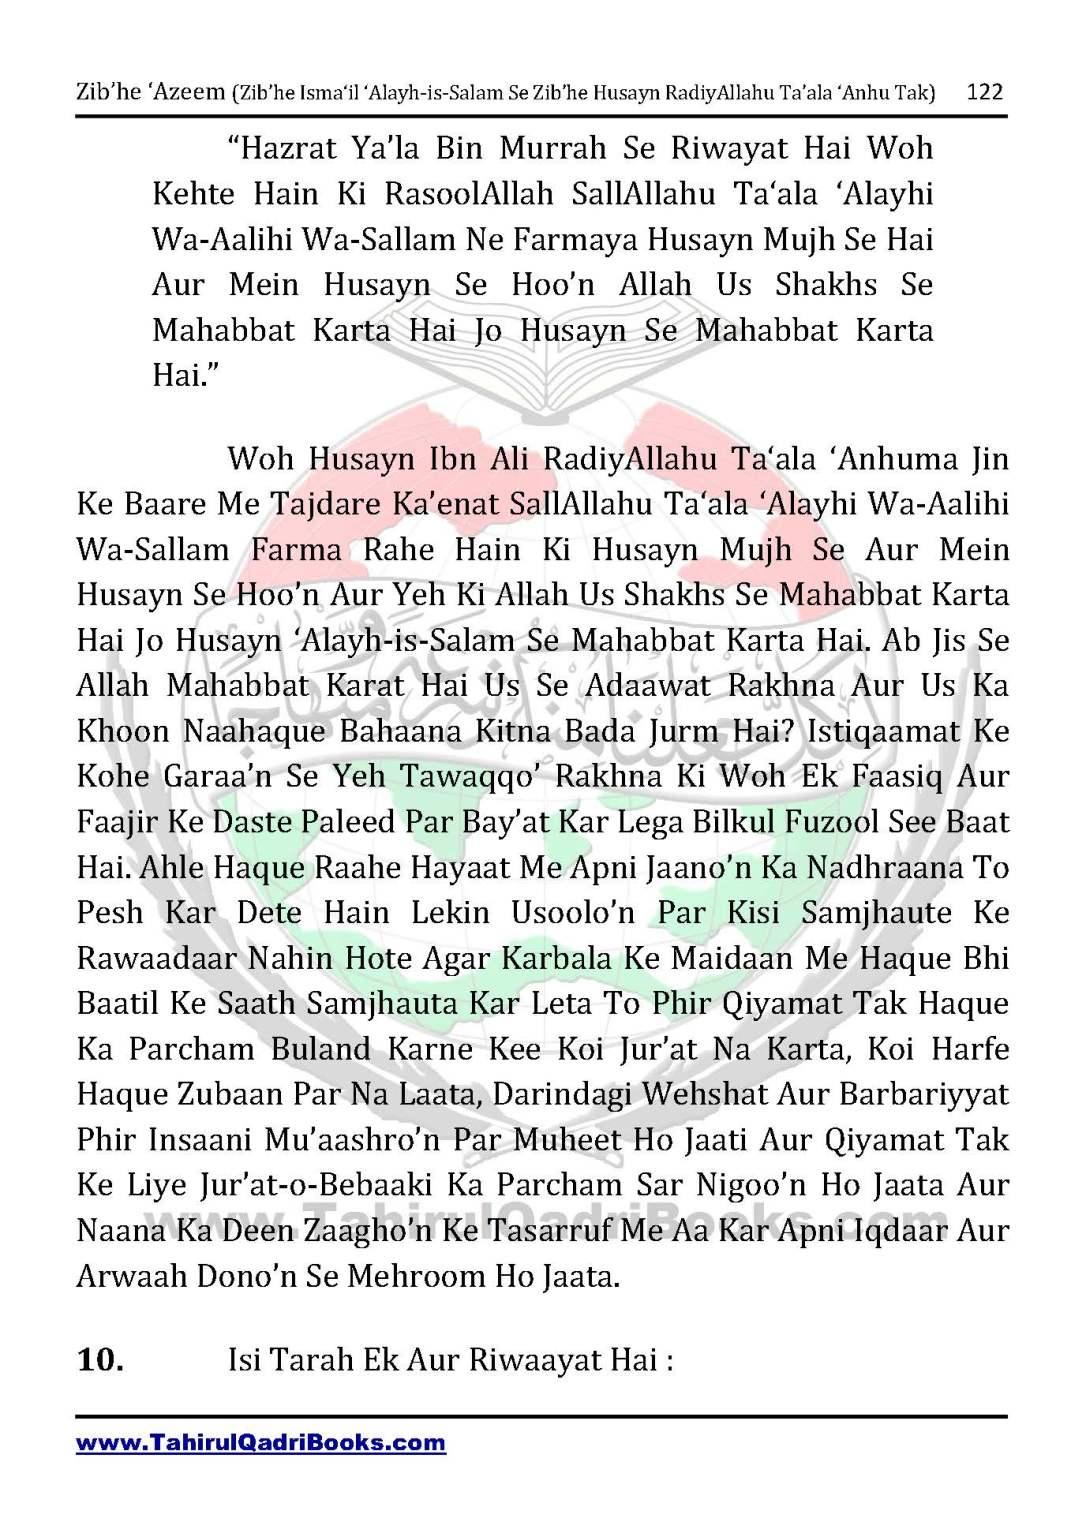 zib_he-e28098azeem-zib_he-ismacabbil-se-zib_he-husayn-tak-in-roman-urdu-unlocked_Page_122